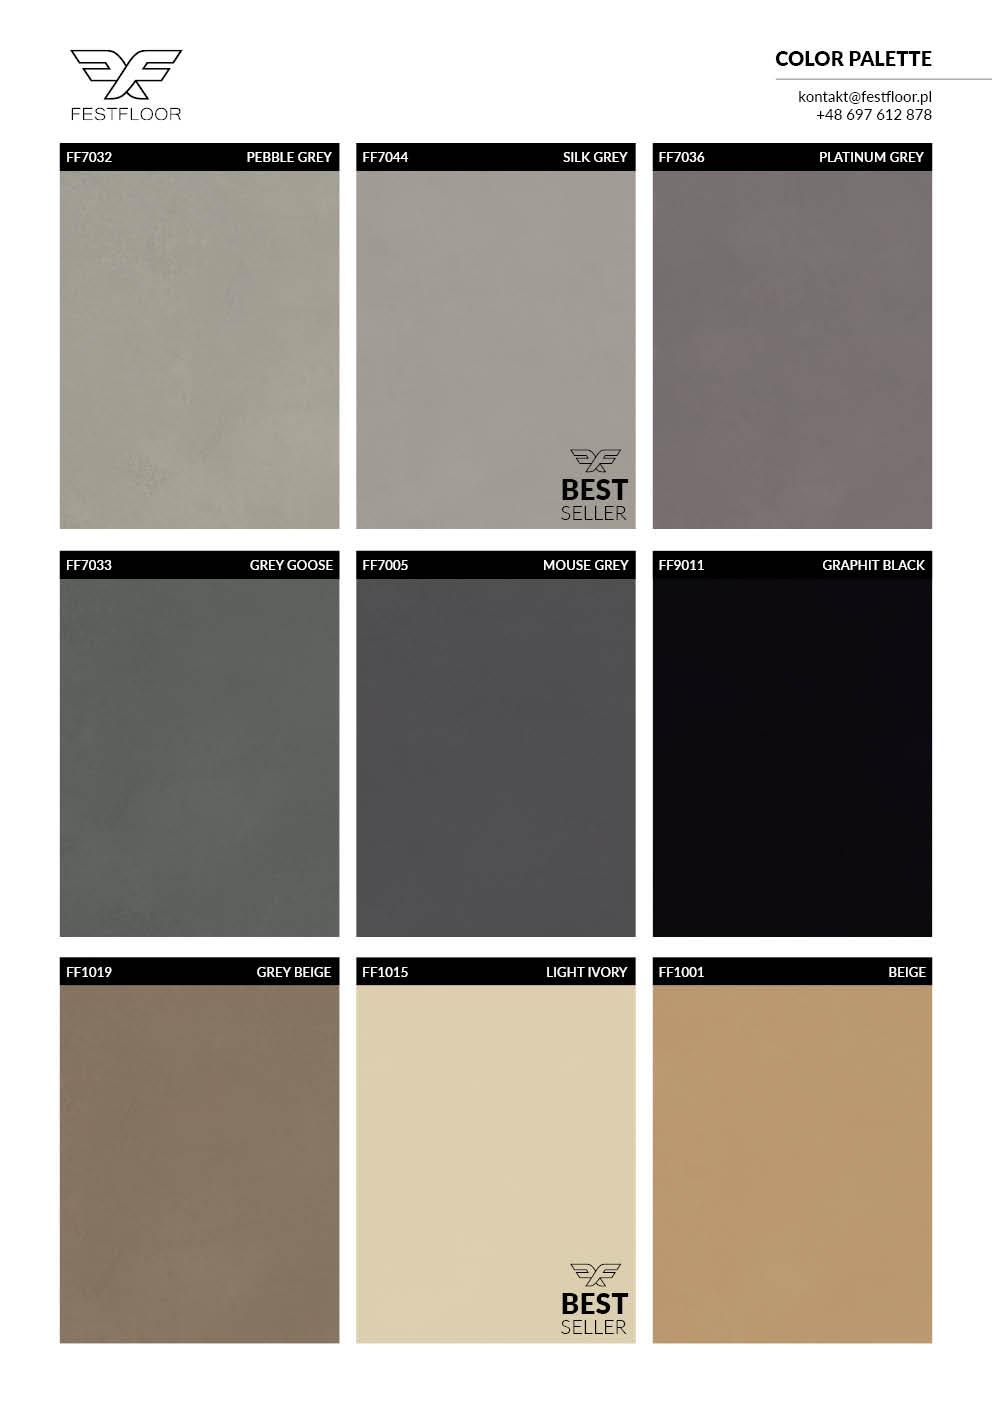 Kolory mikrocementu. Paleta kolorów wzorowana na RAL